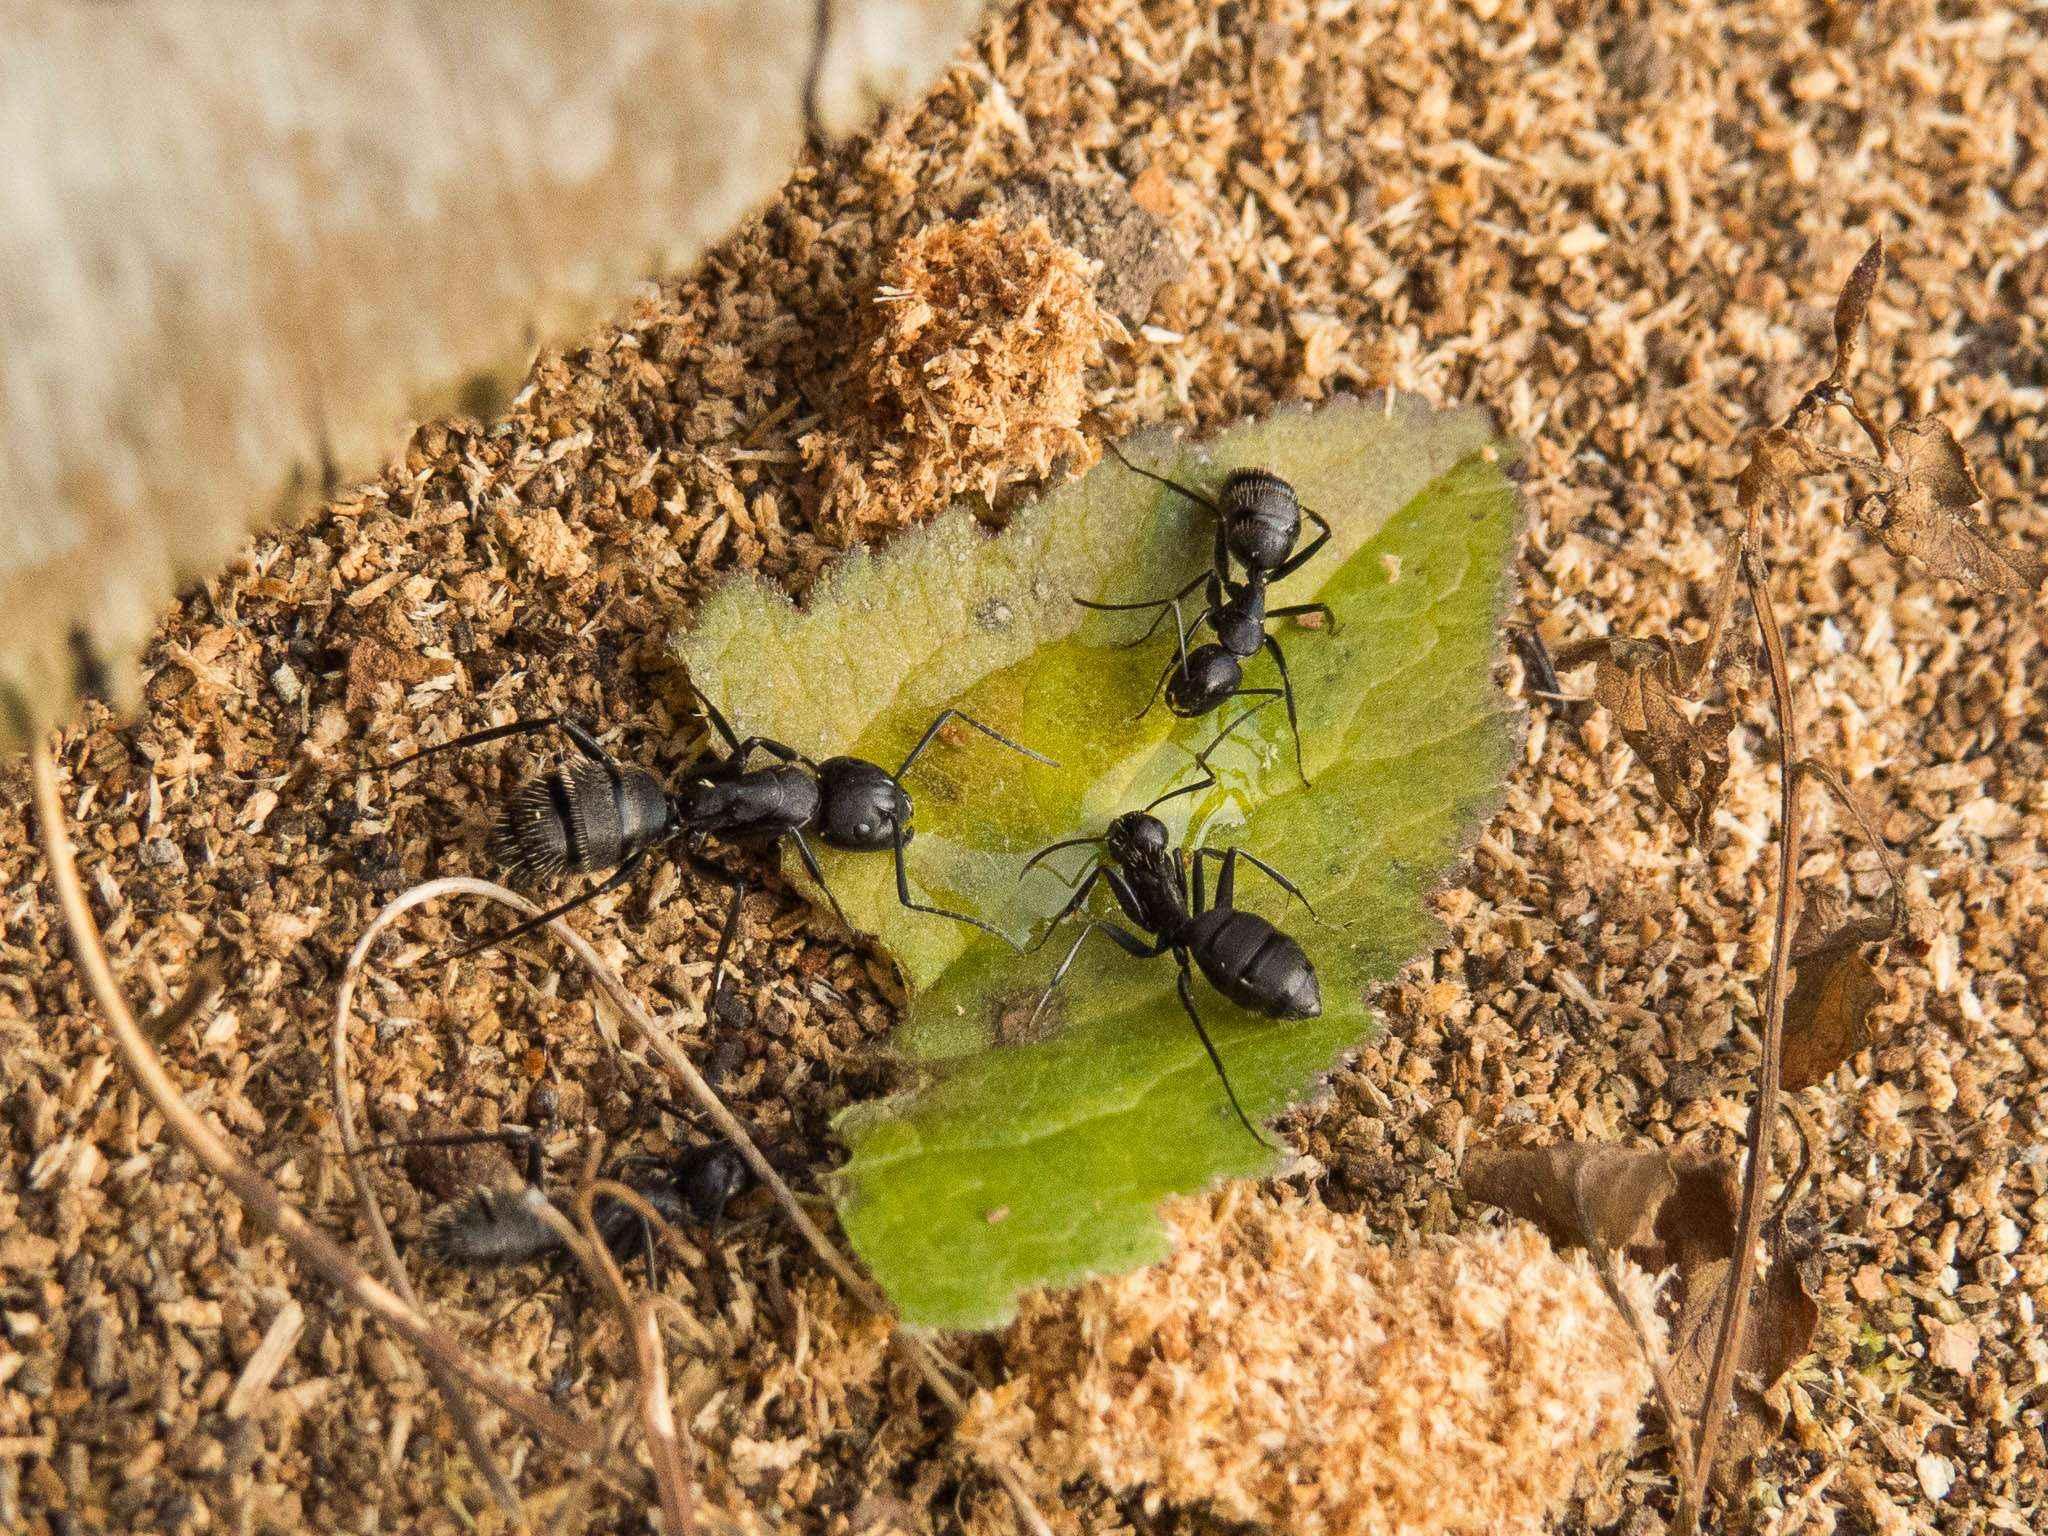 Camponotus vagus: Herbstliche Aktivitäten